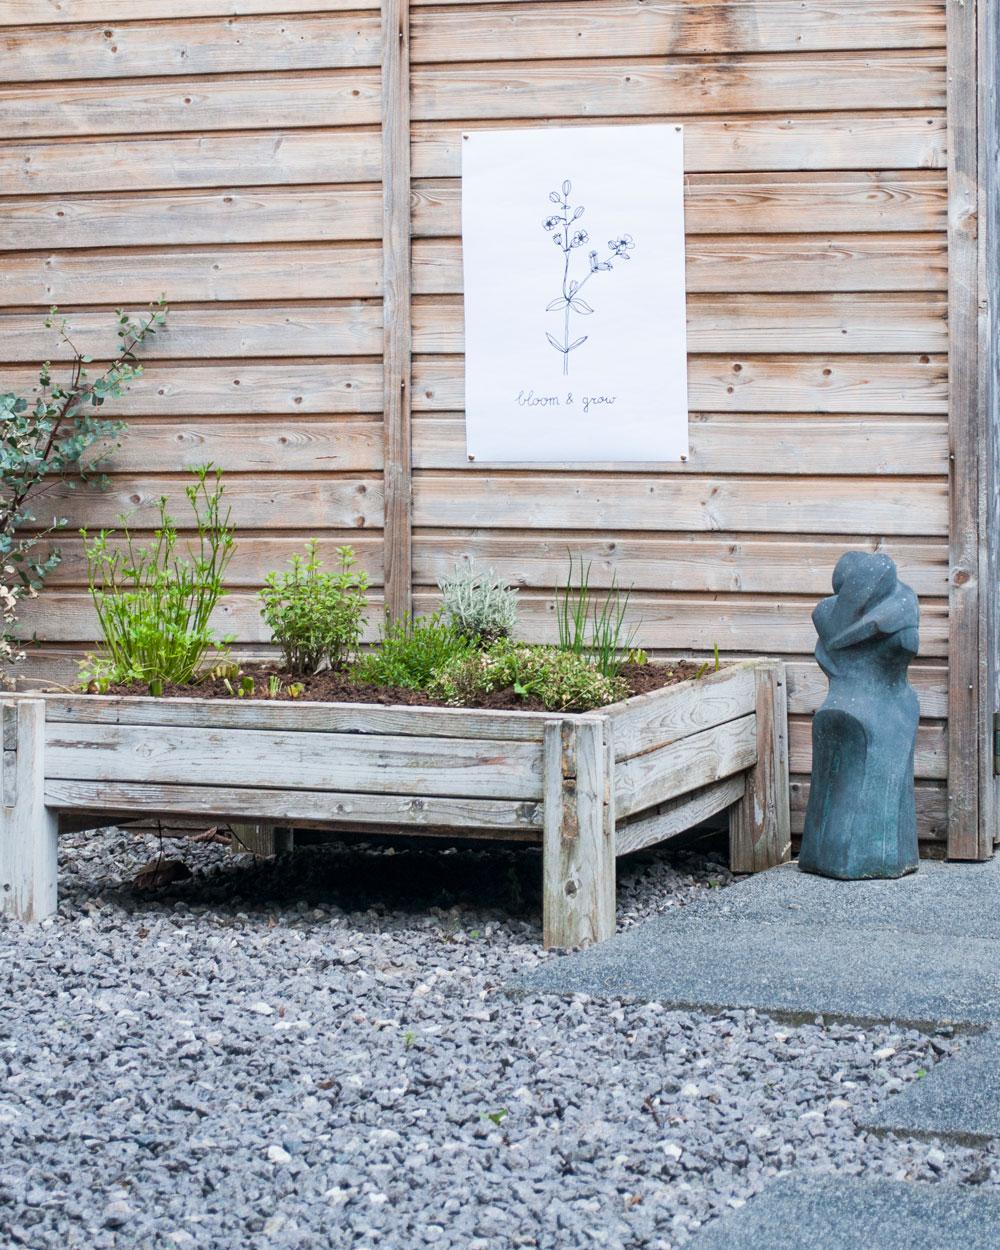 diy tuinposter resultaat sfeer1